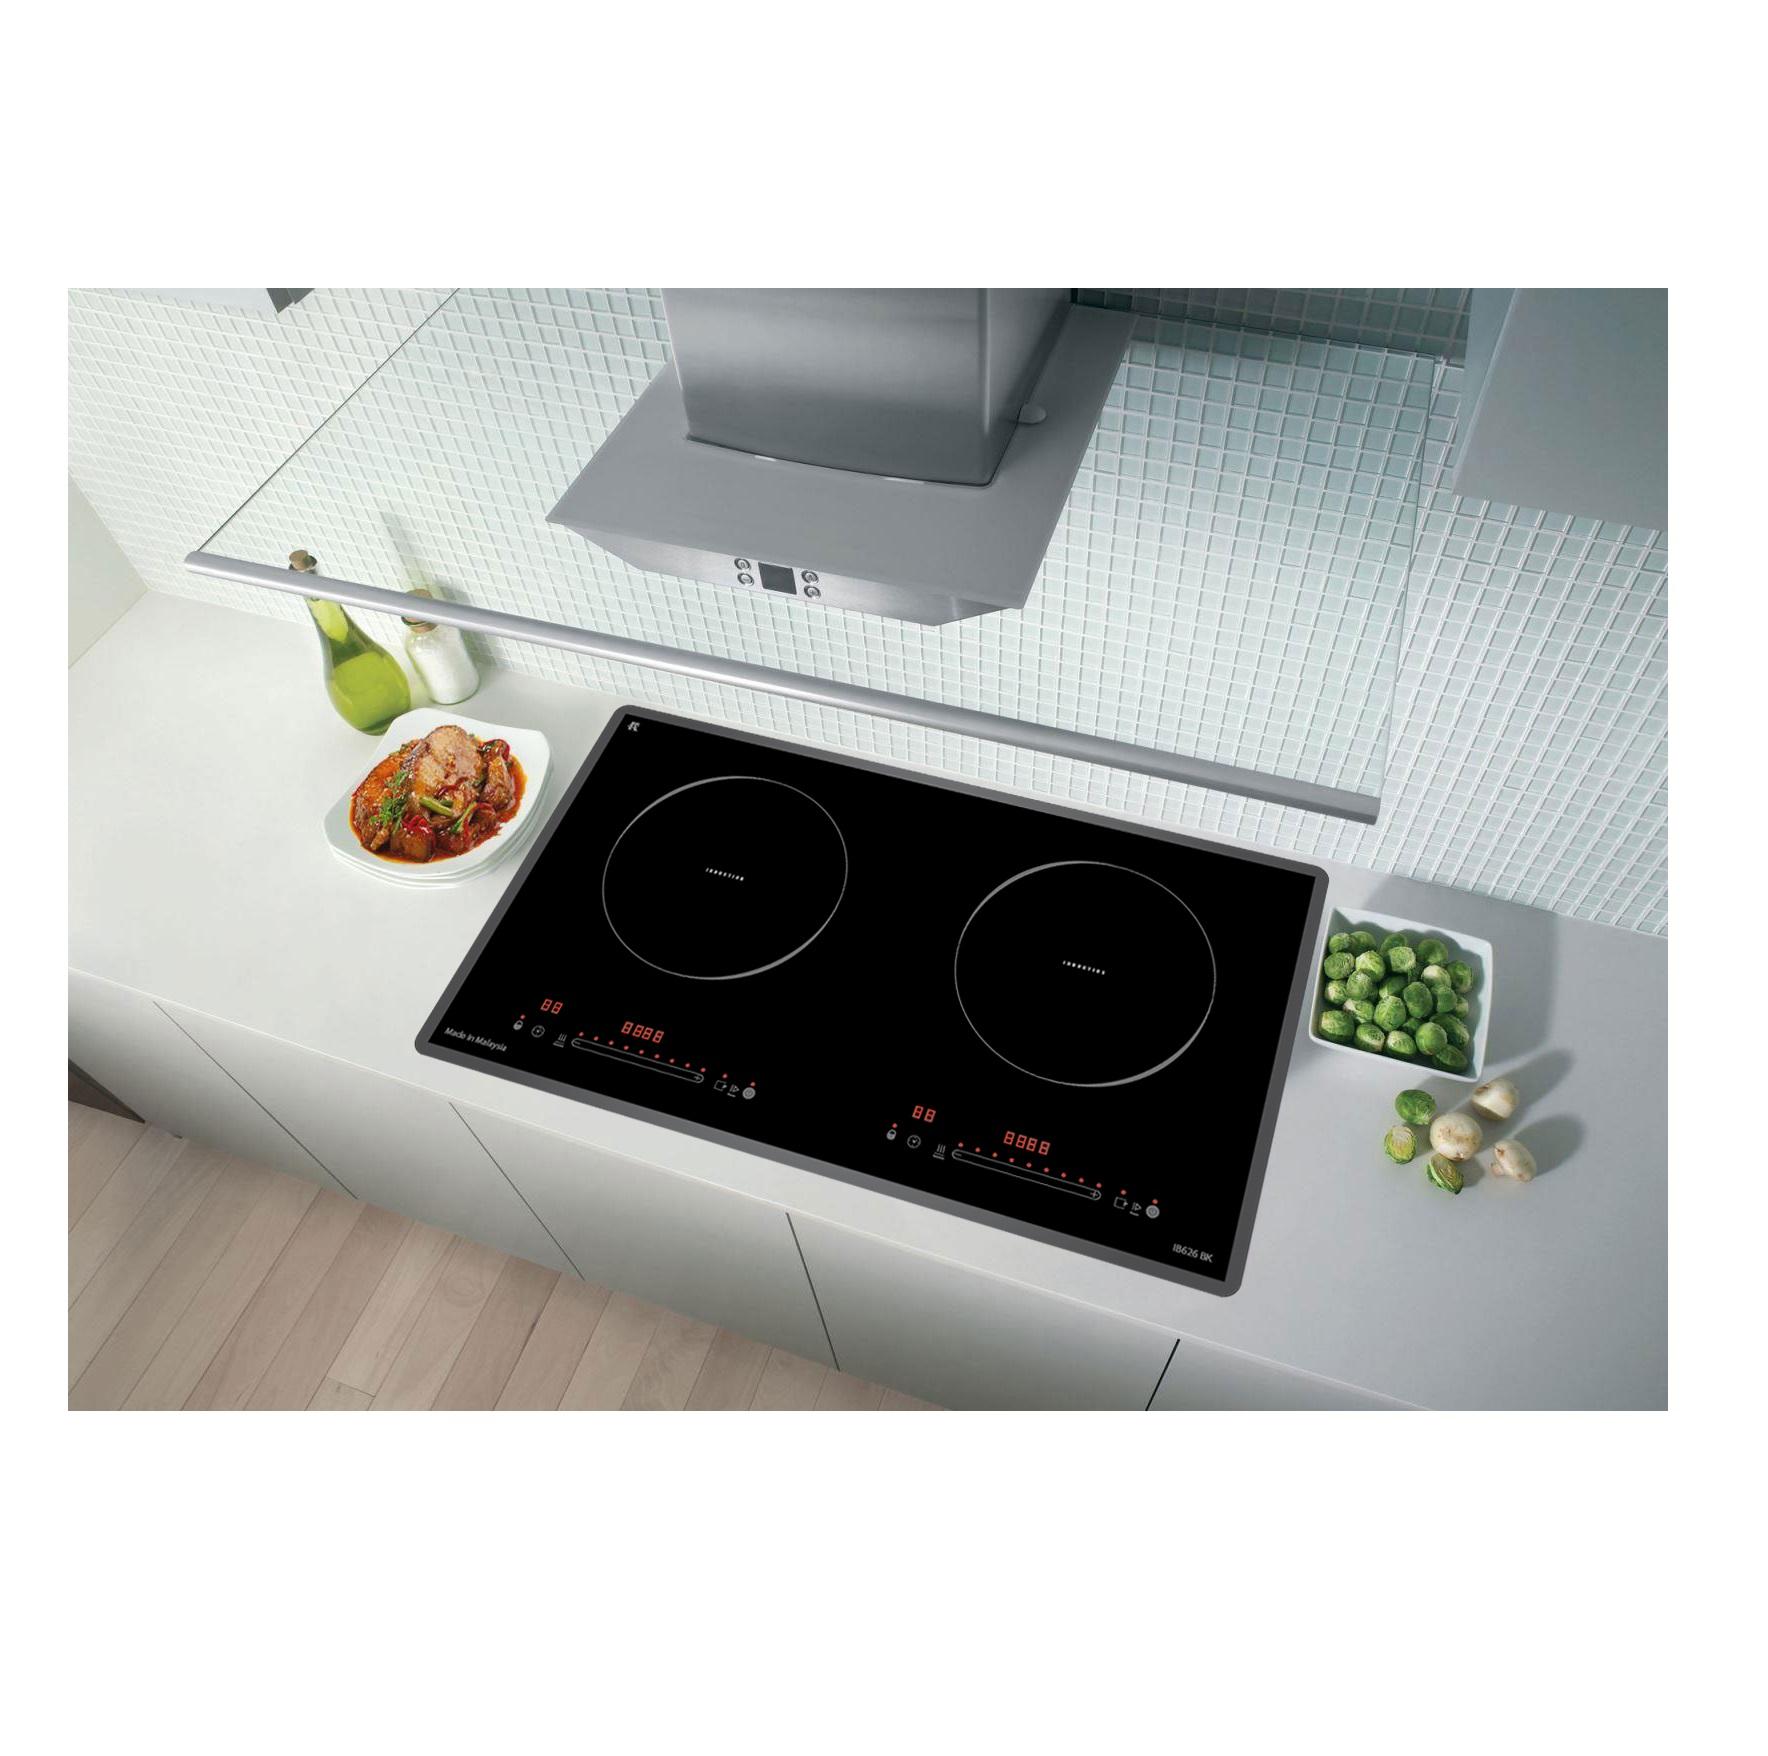 Bếp từ Dann IB626 BK - Hàng chính hãng